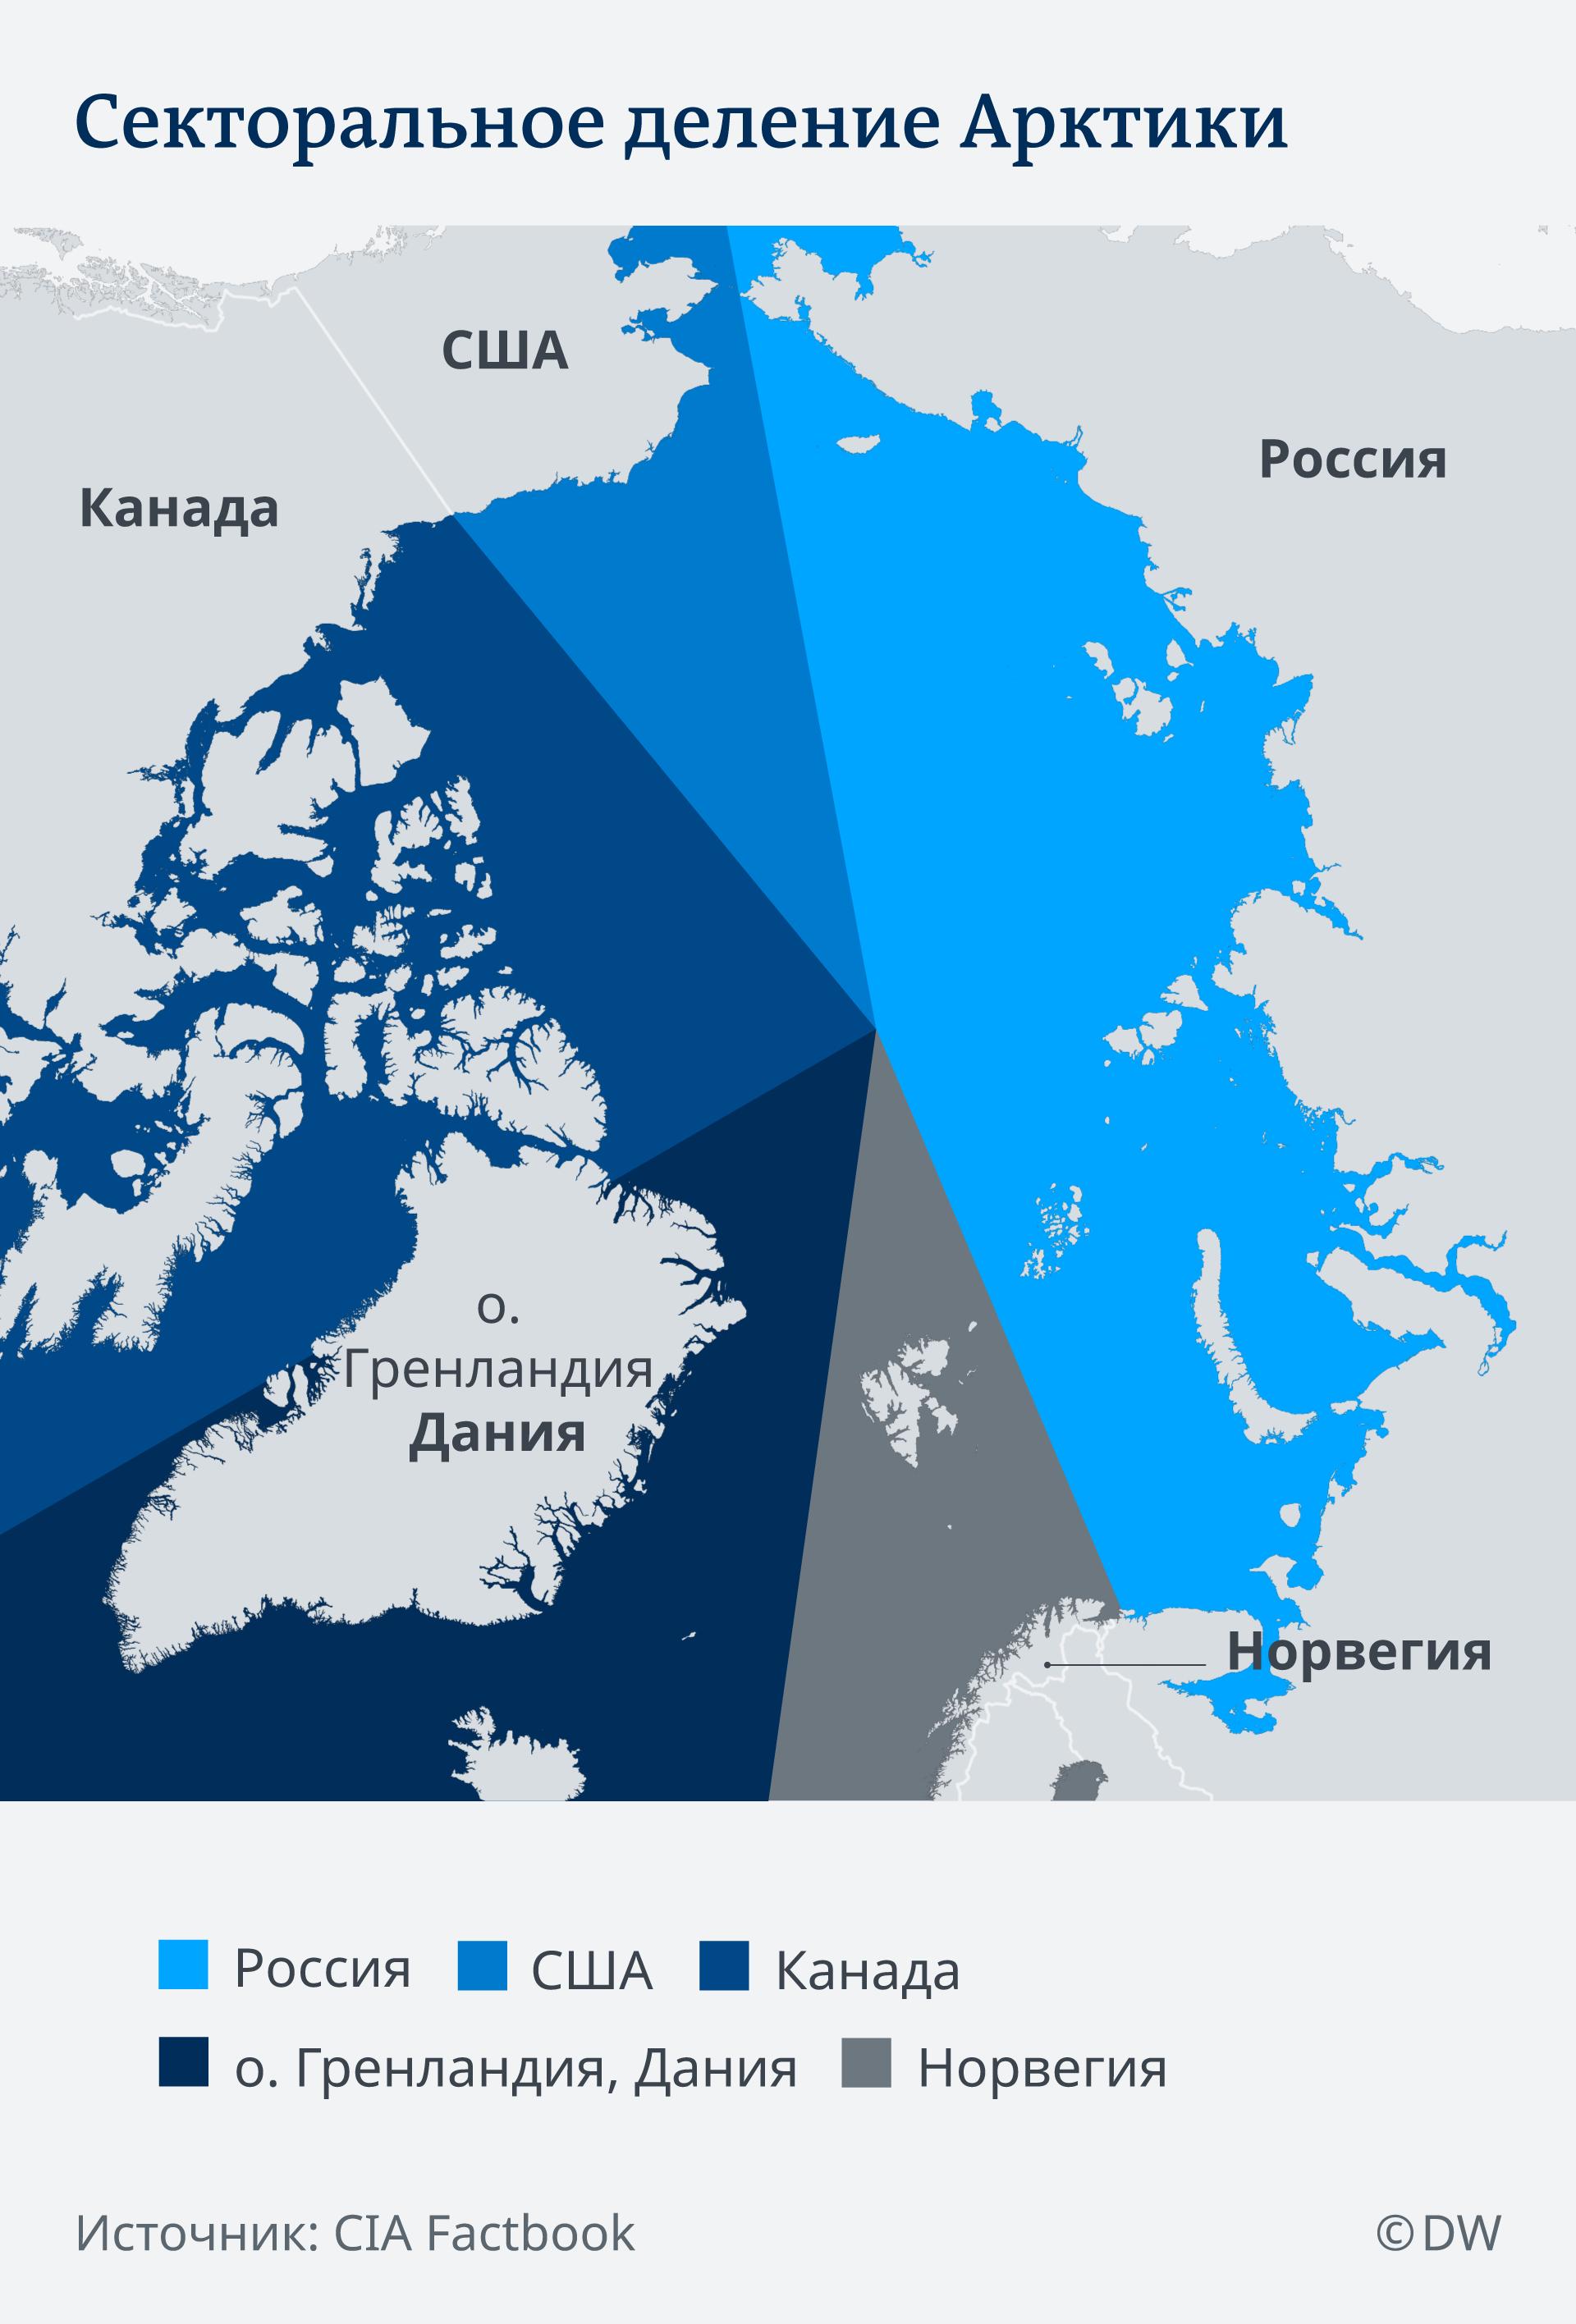 Инфографика: Секторальное деление Арктики